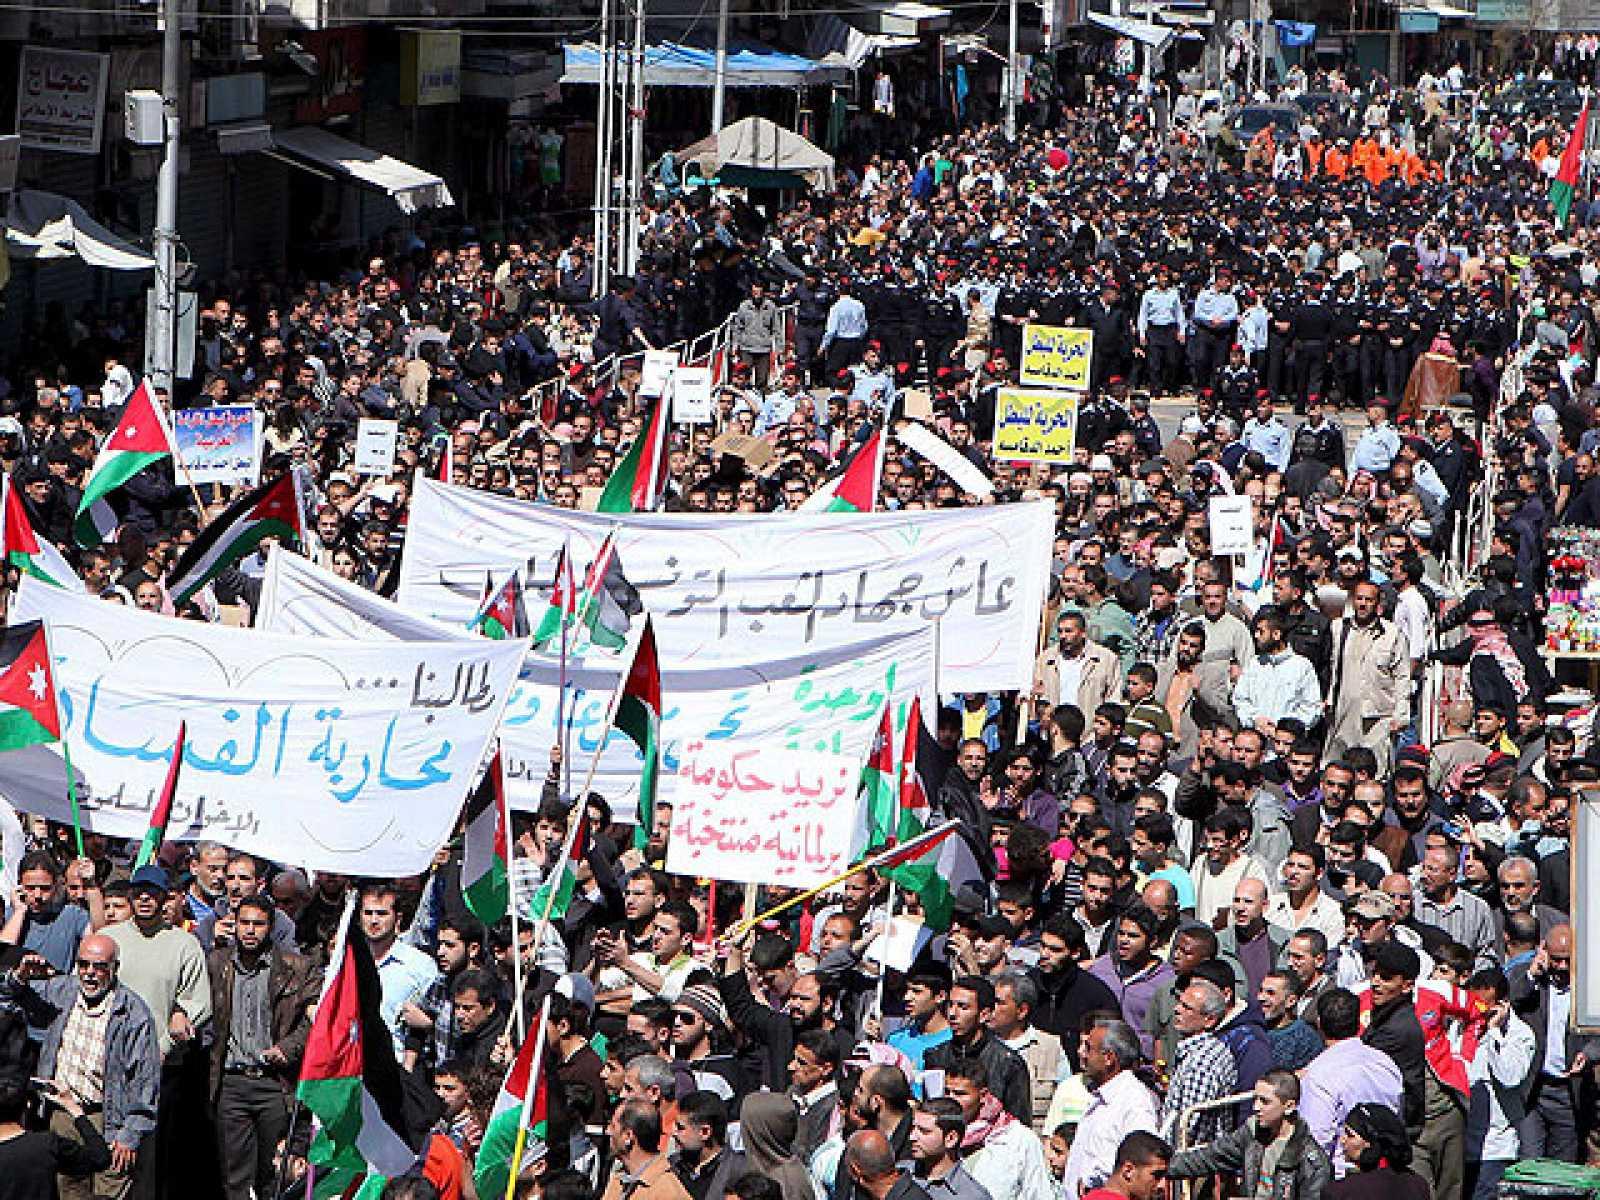 Jordania, Siria, Yemen y Baréin viven un nuevo viernes de intensas protestas